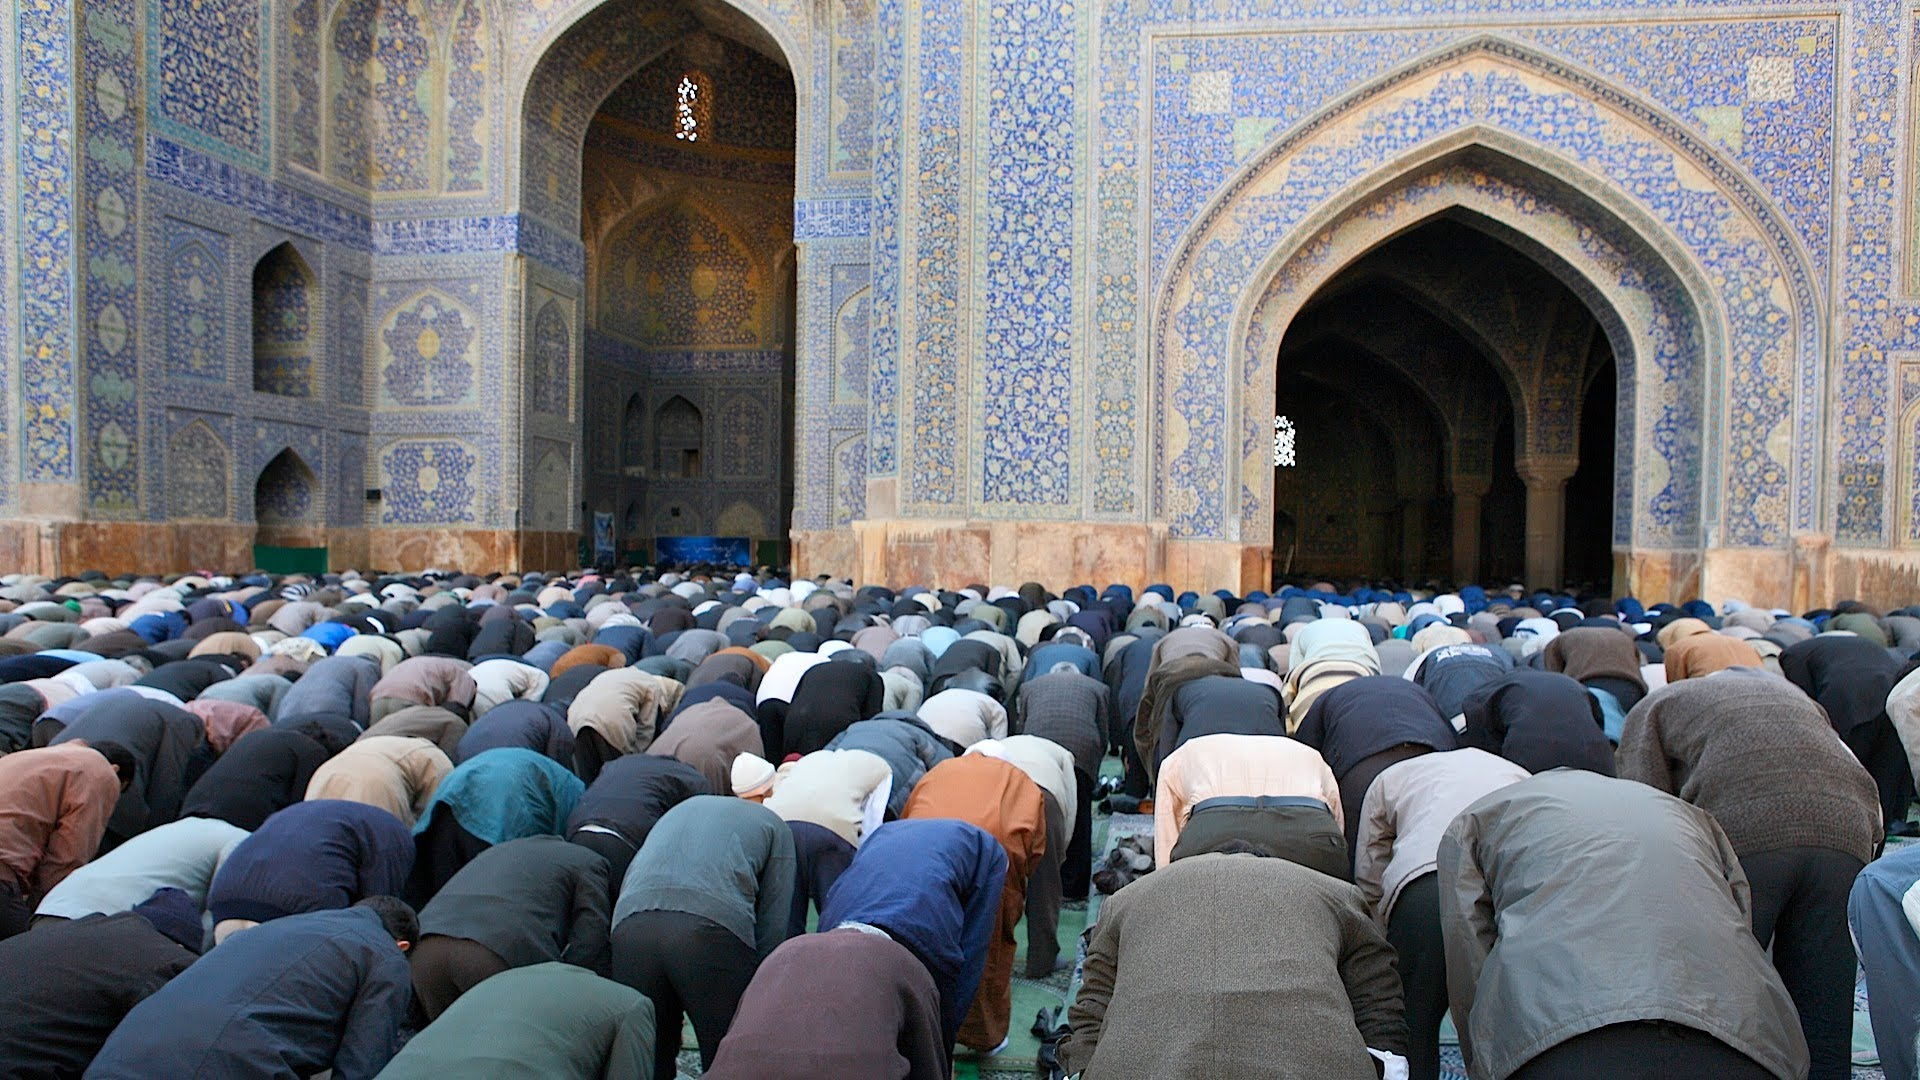 W Stanach Zjednoczonych jest coraz więcej wyznawców islamu